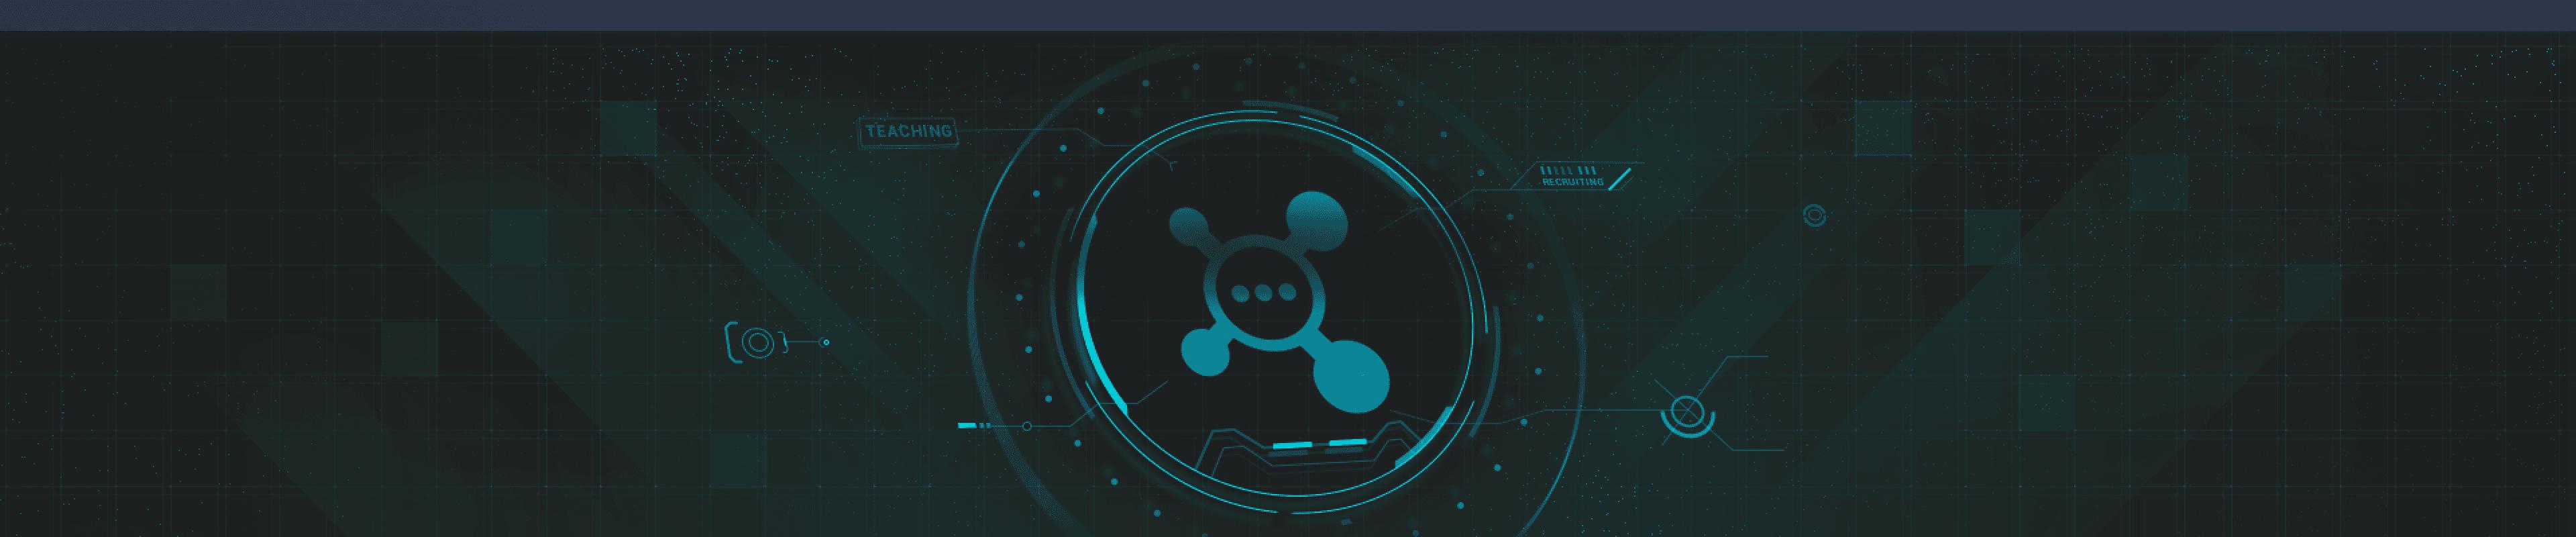 消息队列 RocketMQ 9.9元包月起